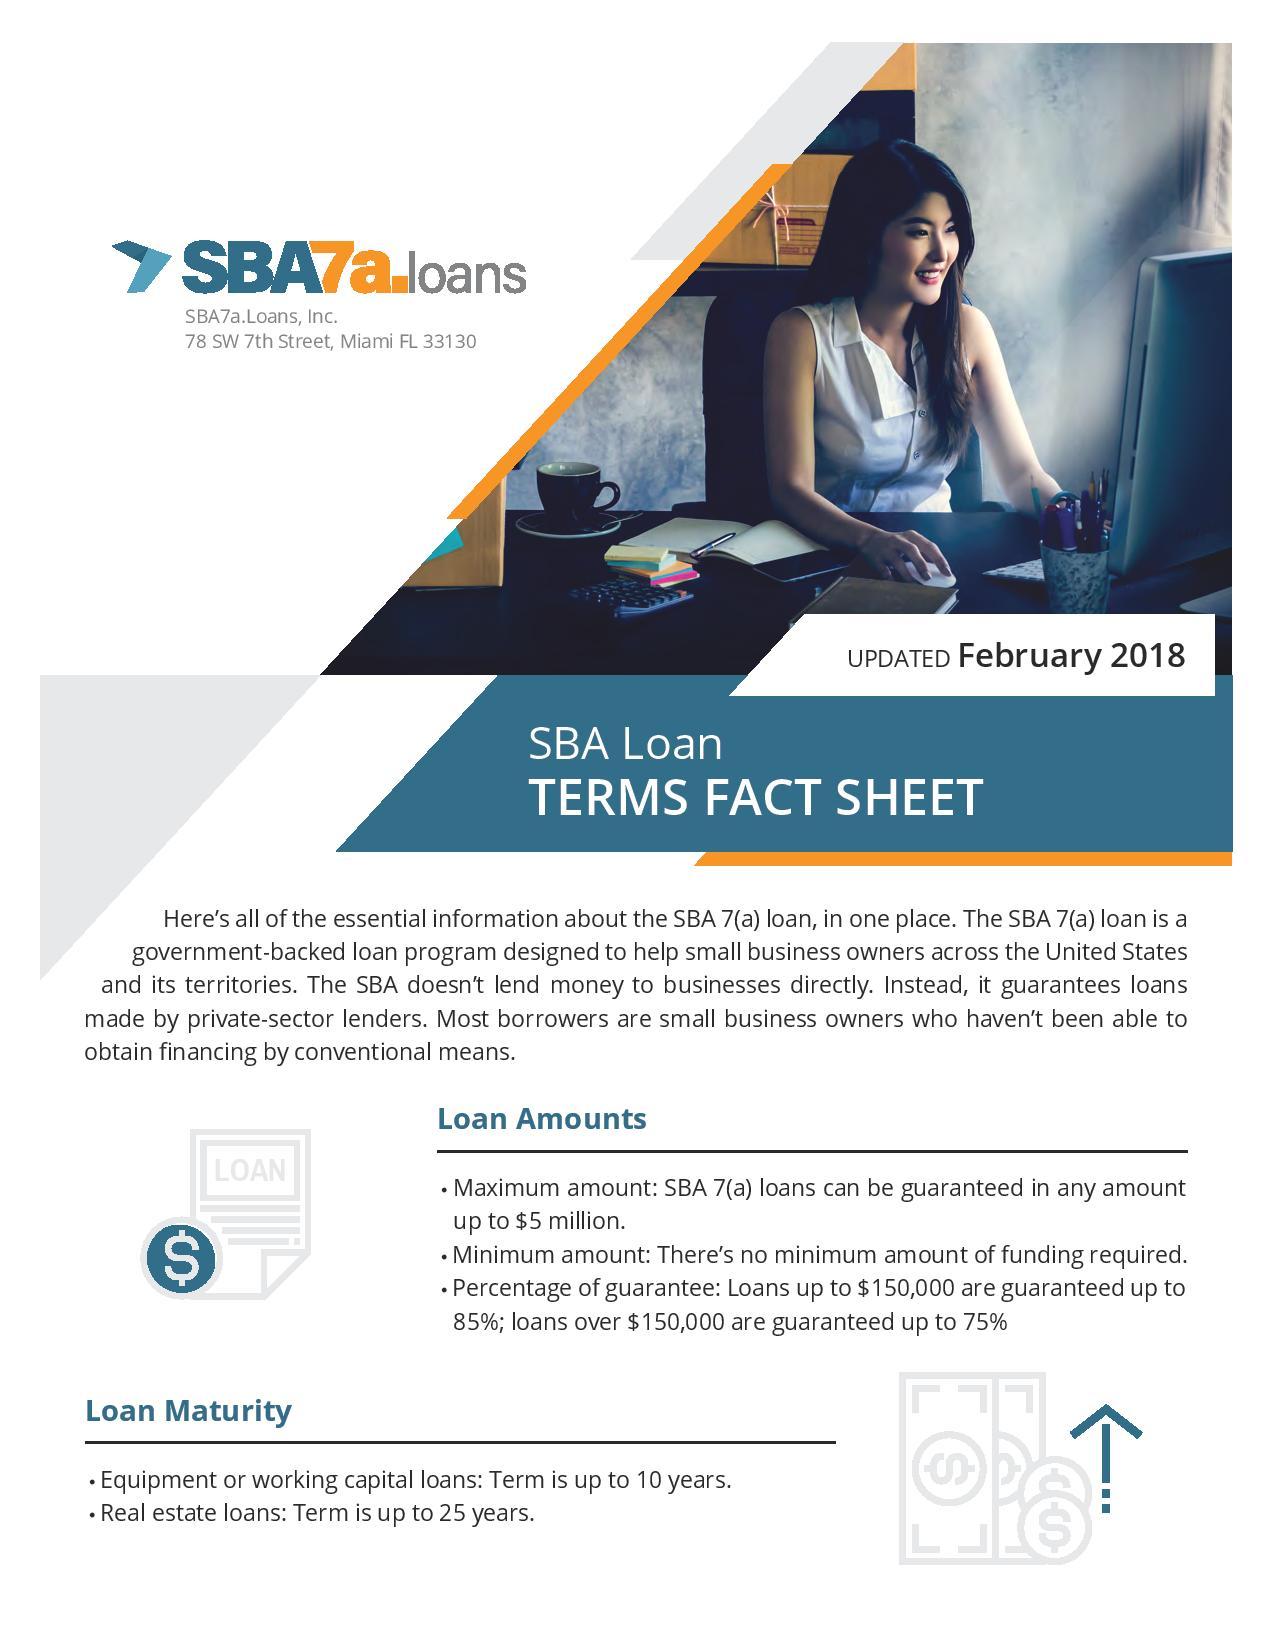 SBA 7(a) terms fact sheet